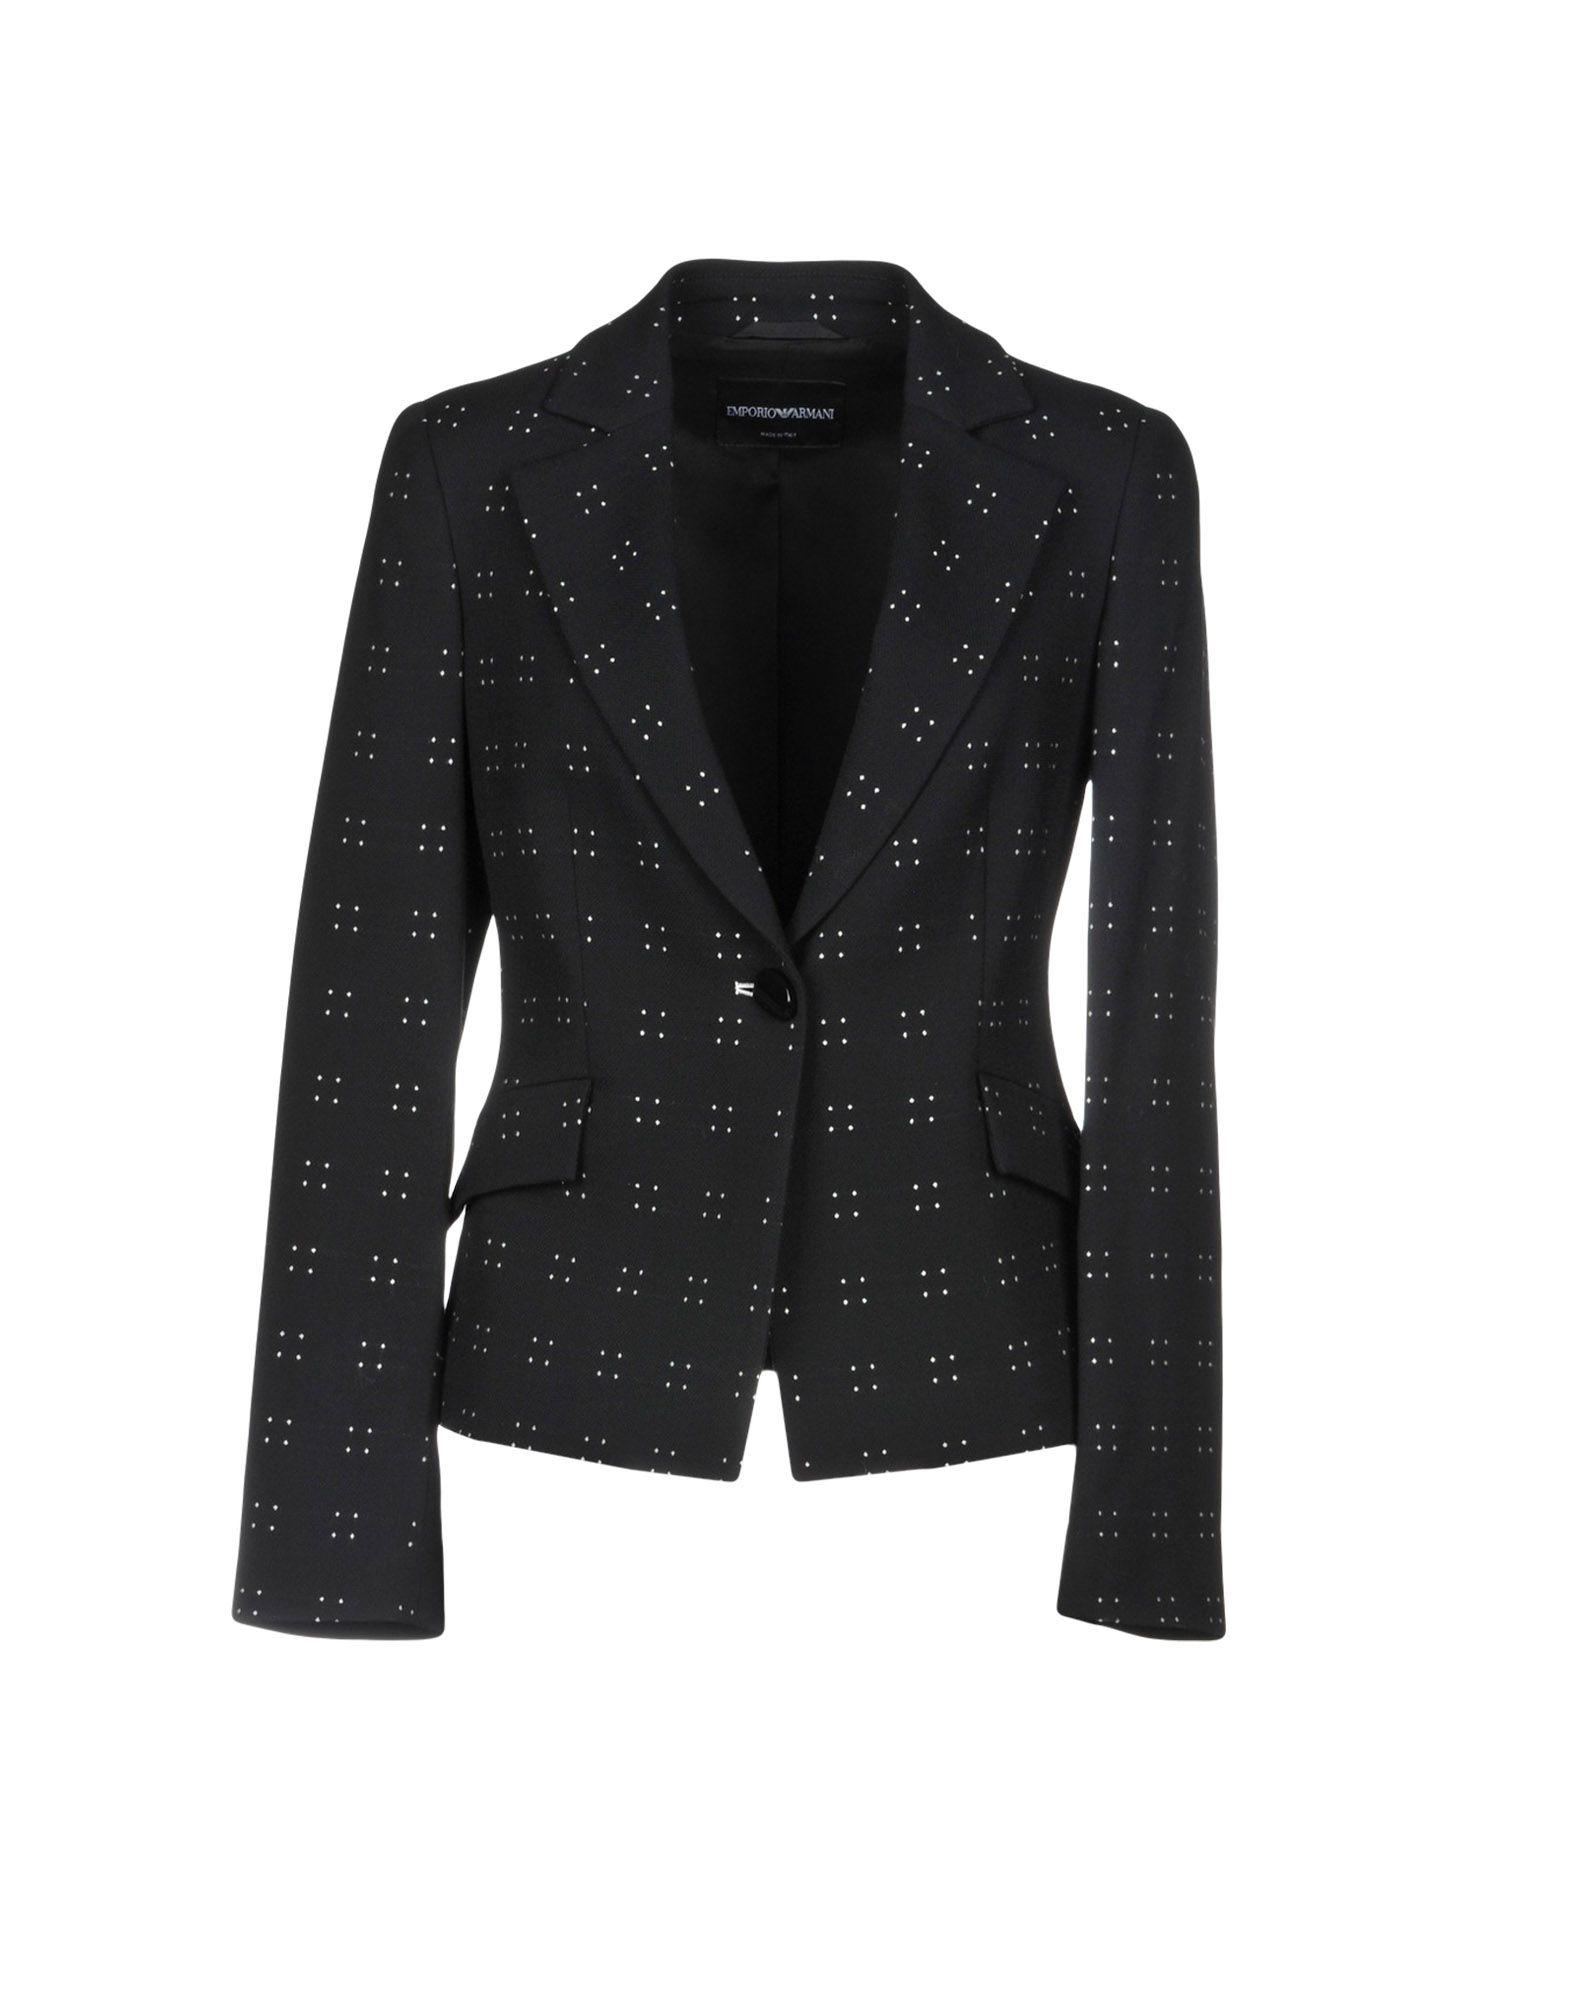 EMPORIO ARMANI Пиджак шерстяной пиджак мужской купить в москве